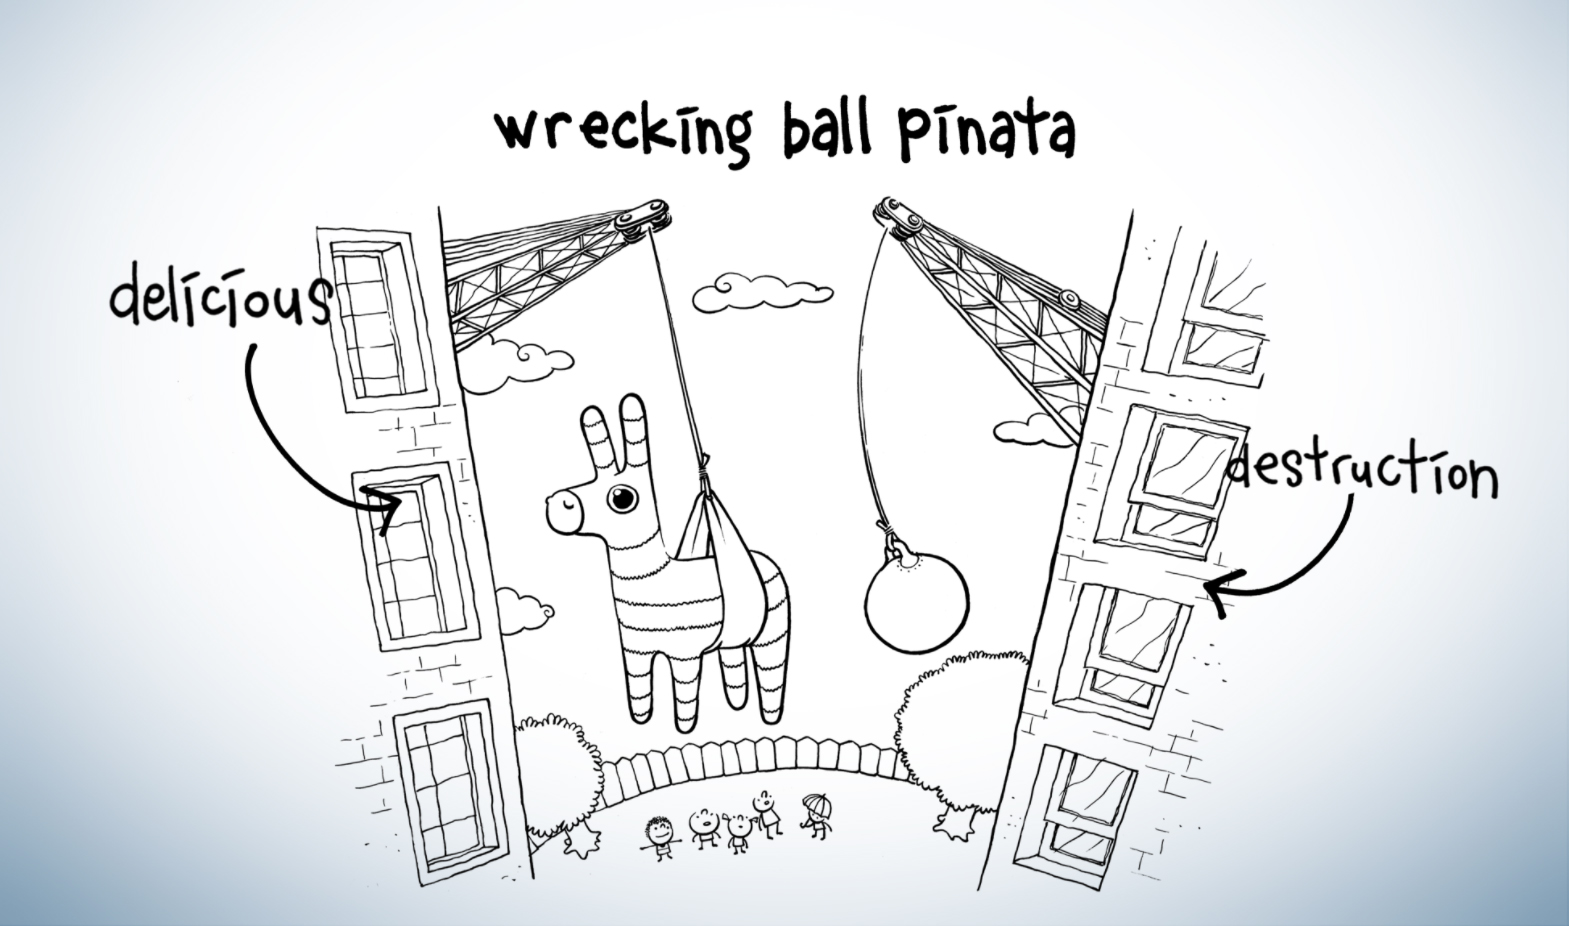 wreckingballpinata